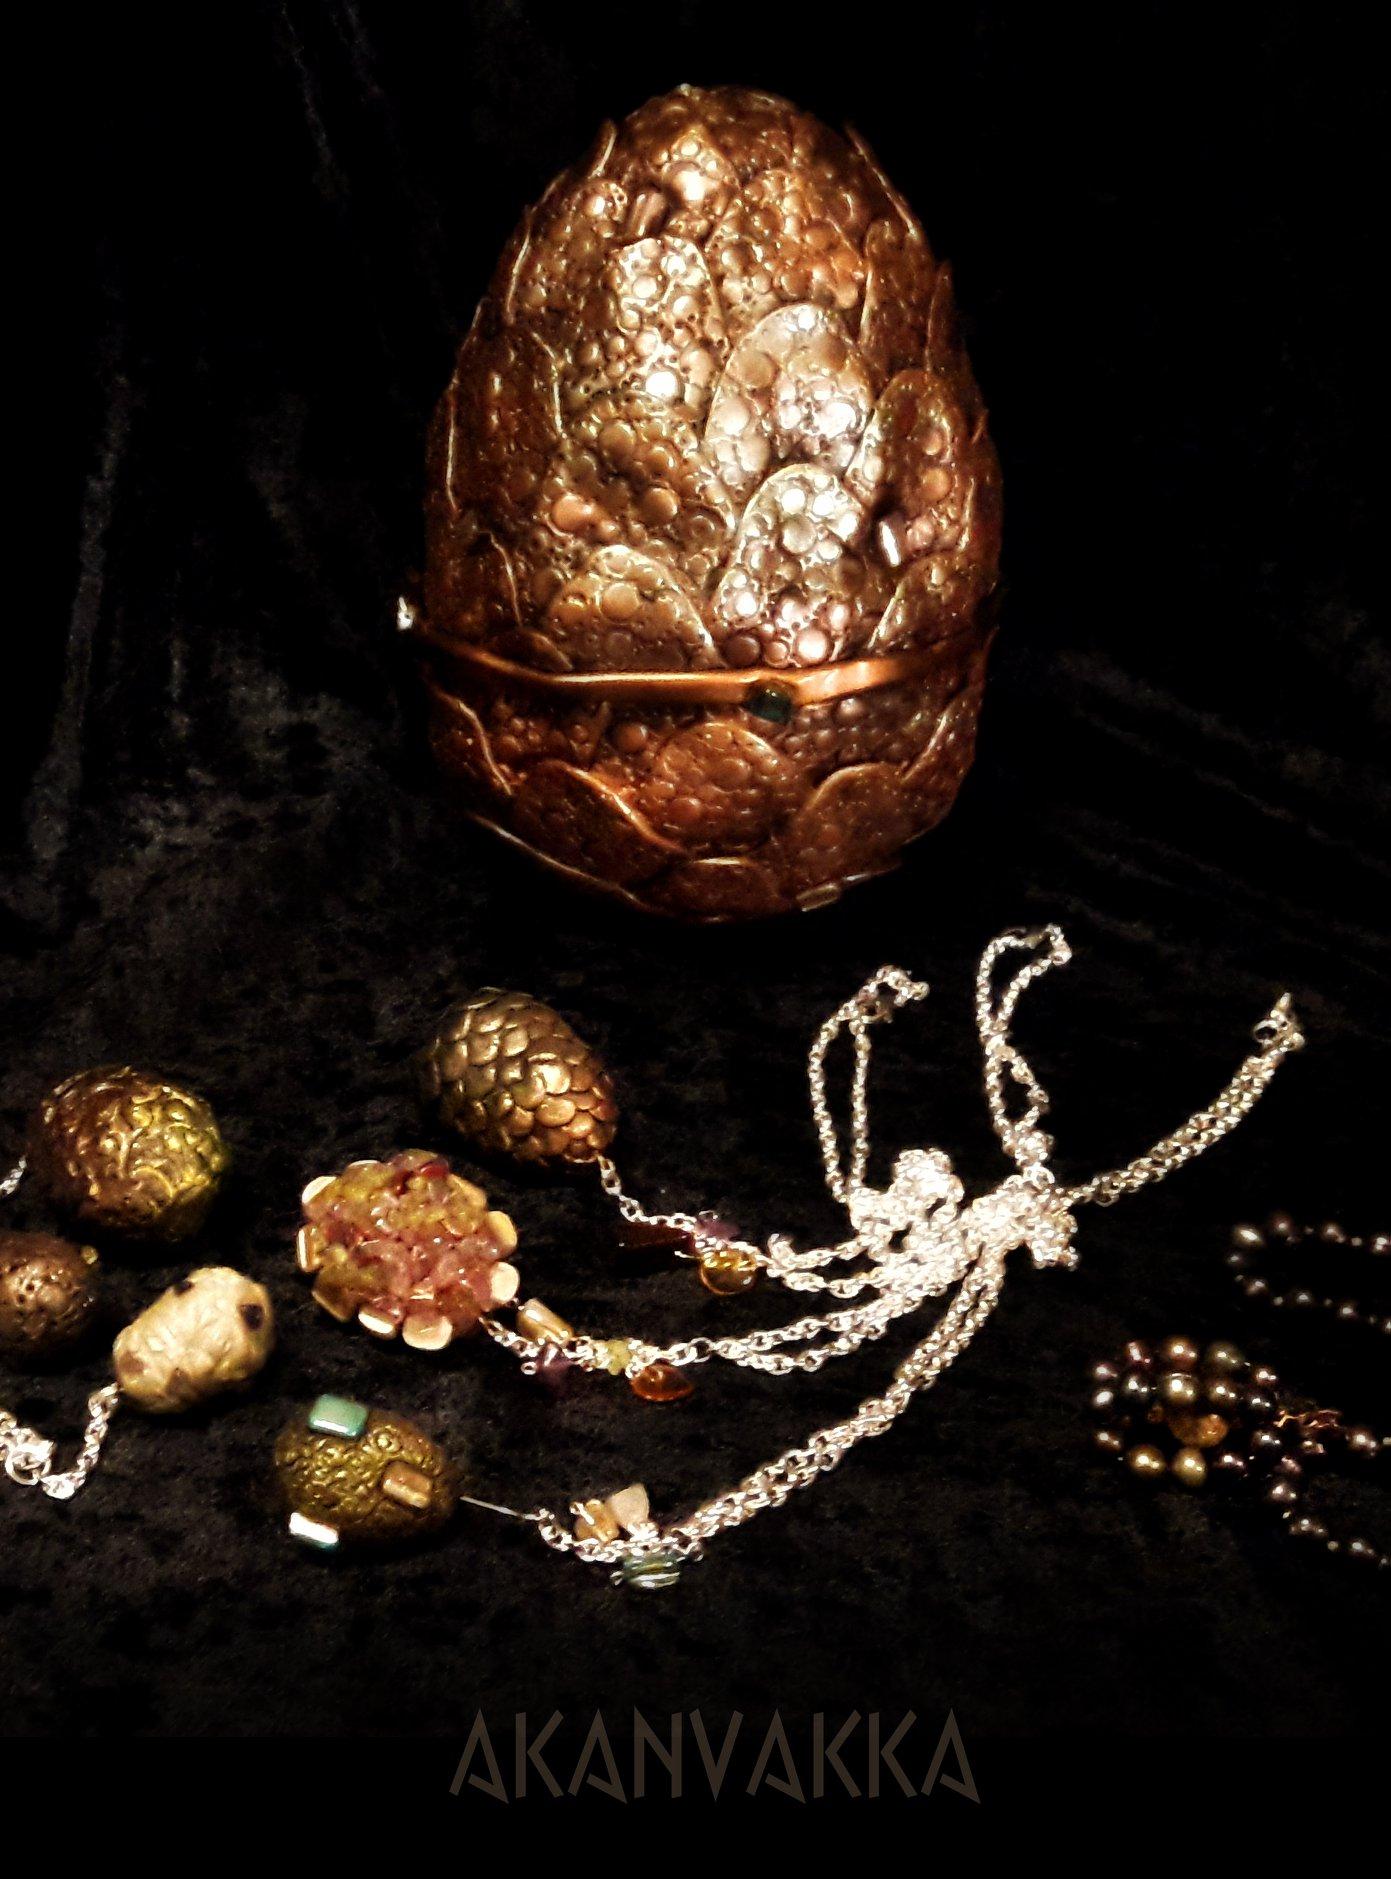 Lohikäärmeen munat - Dragon Eggs